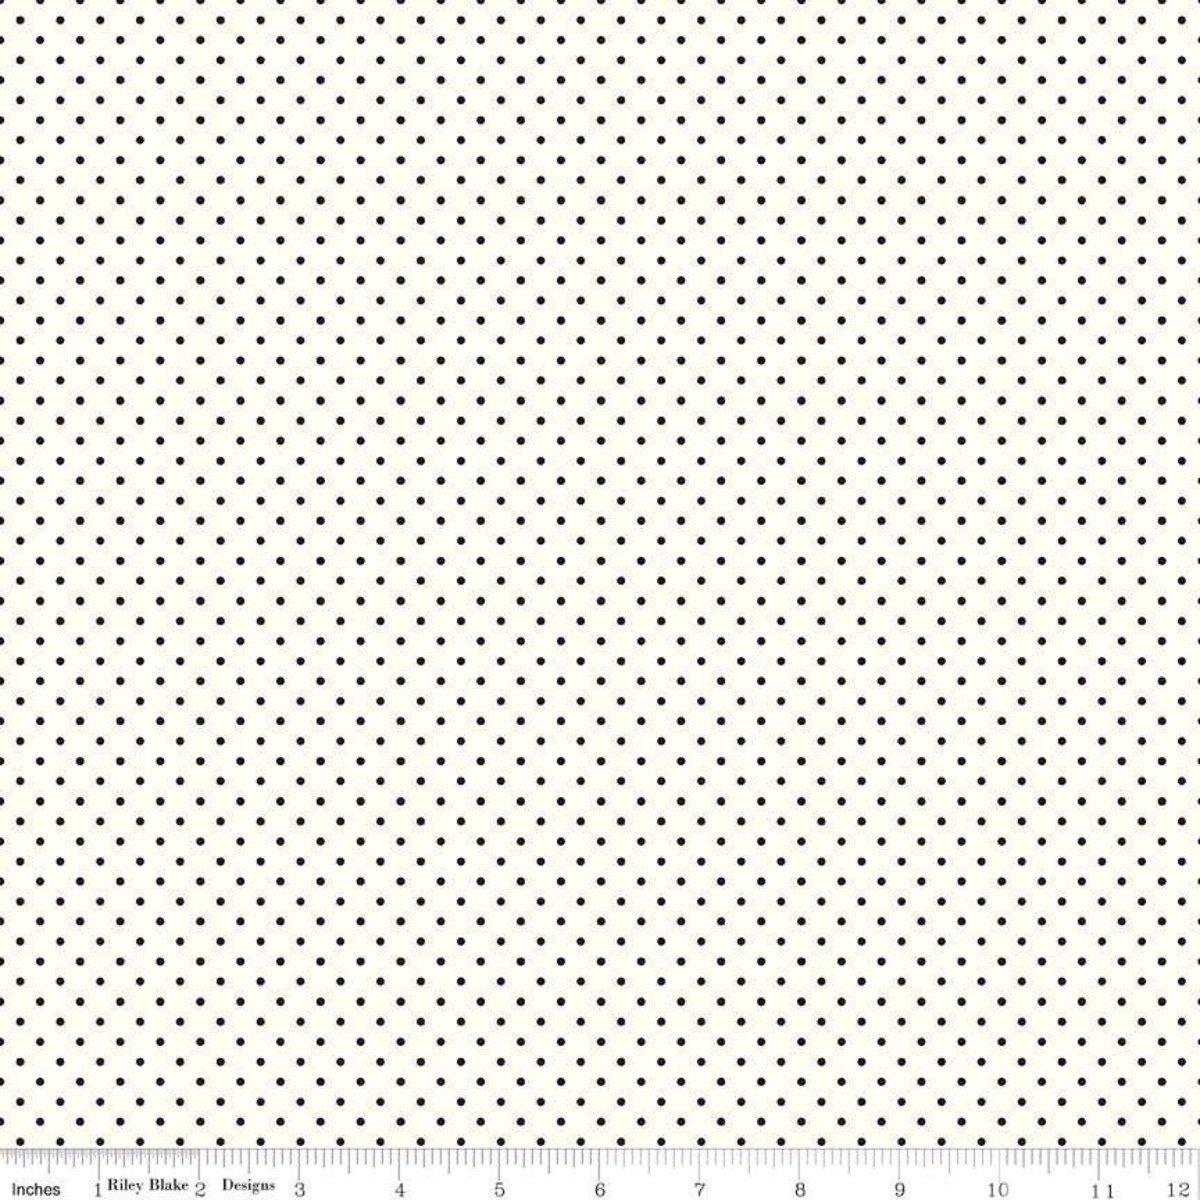 Swiss Dot: Black on White